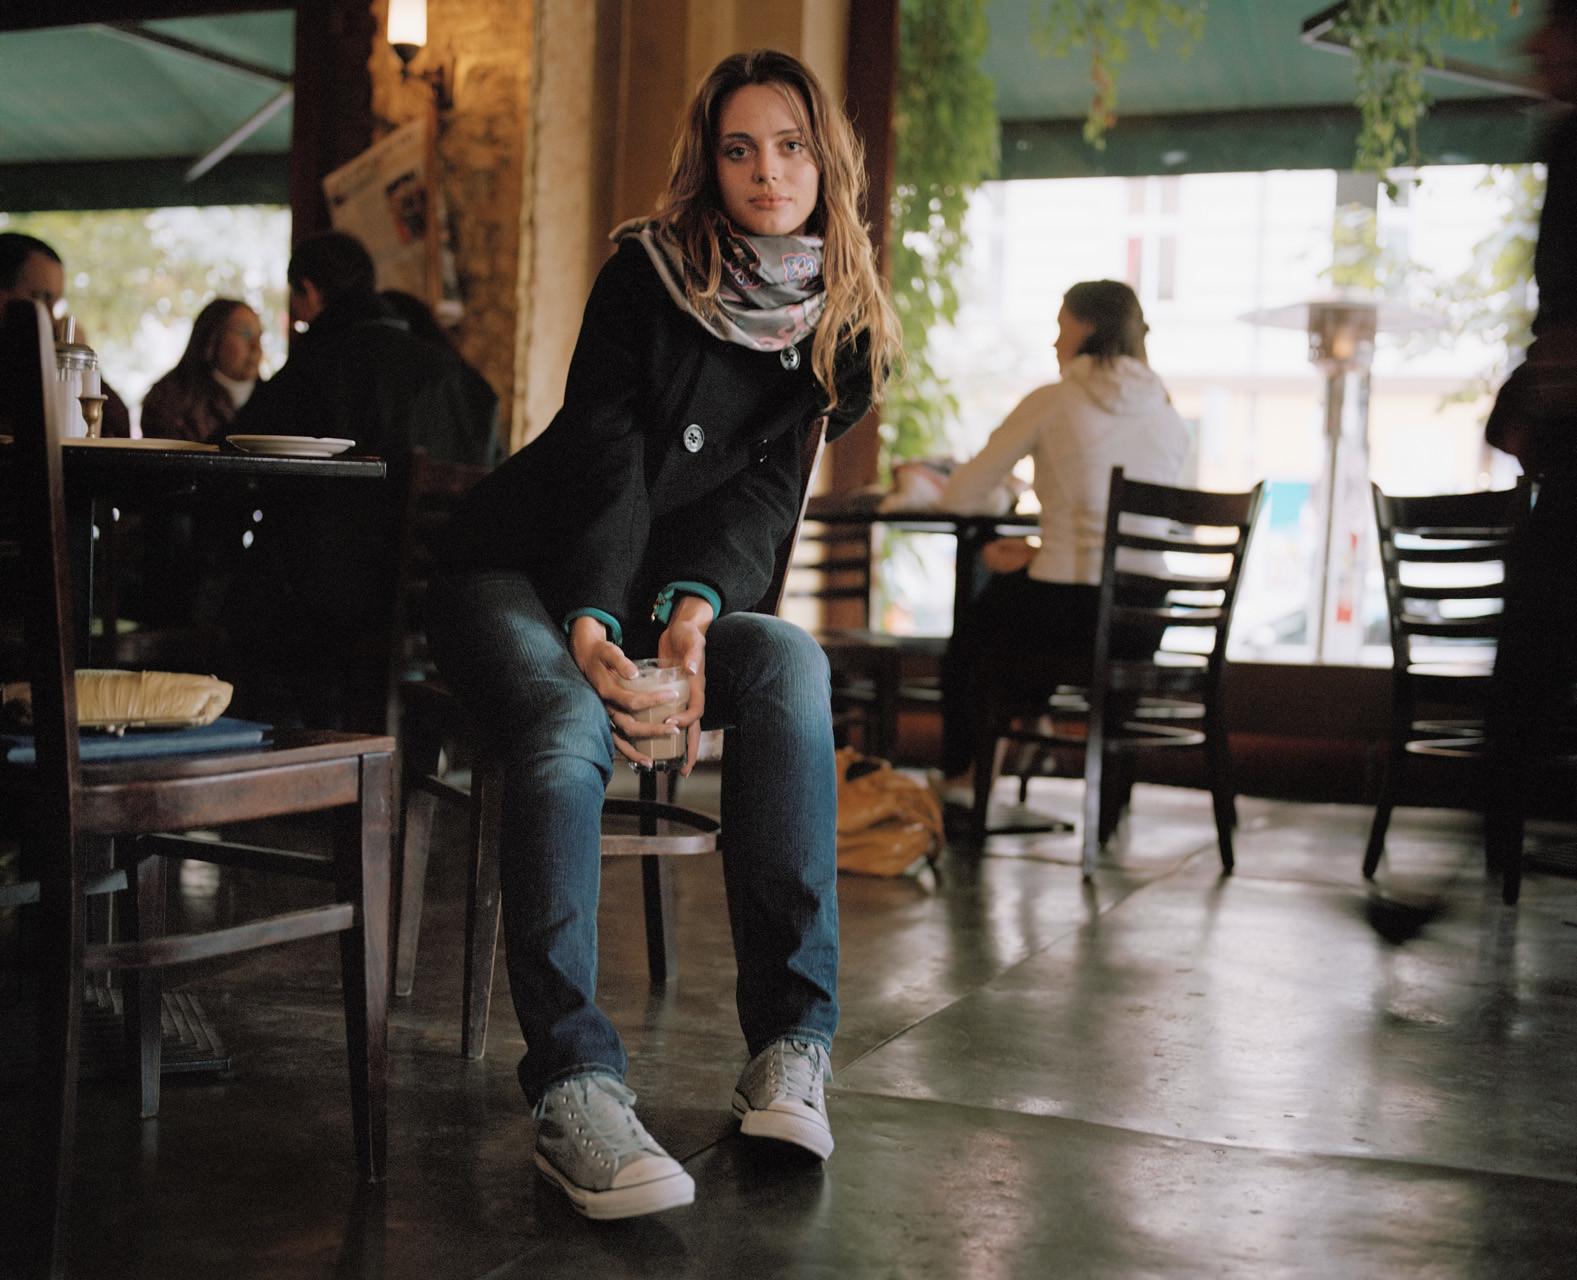 timo-stammberger-photography-berlin-beauty-model-kastanienallee-portrait